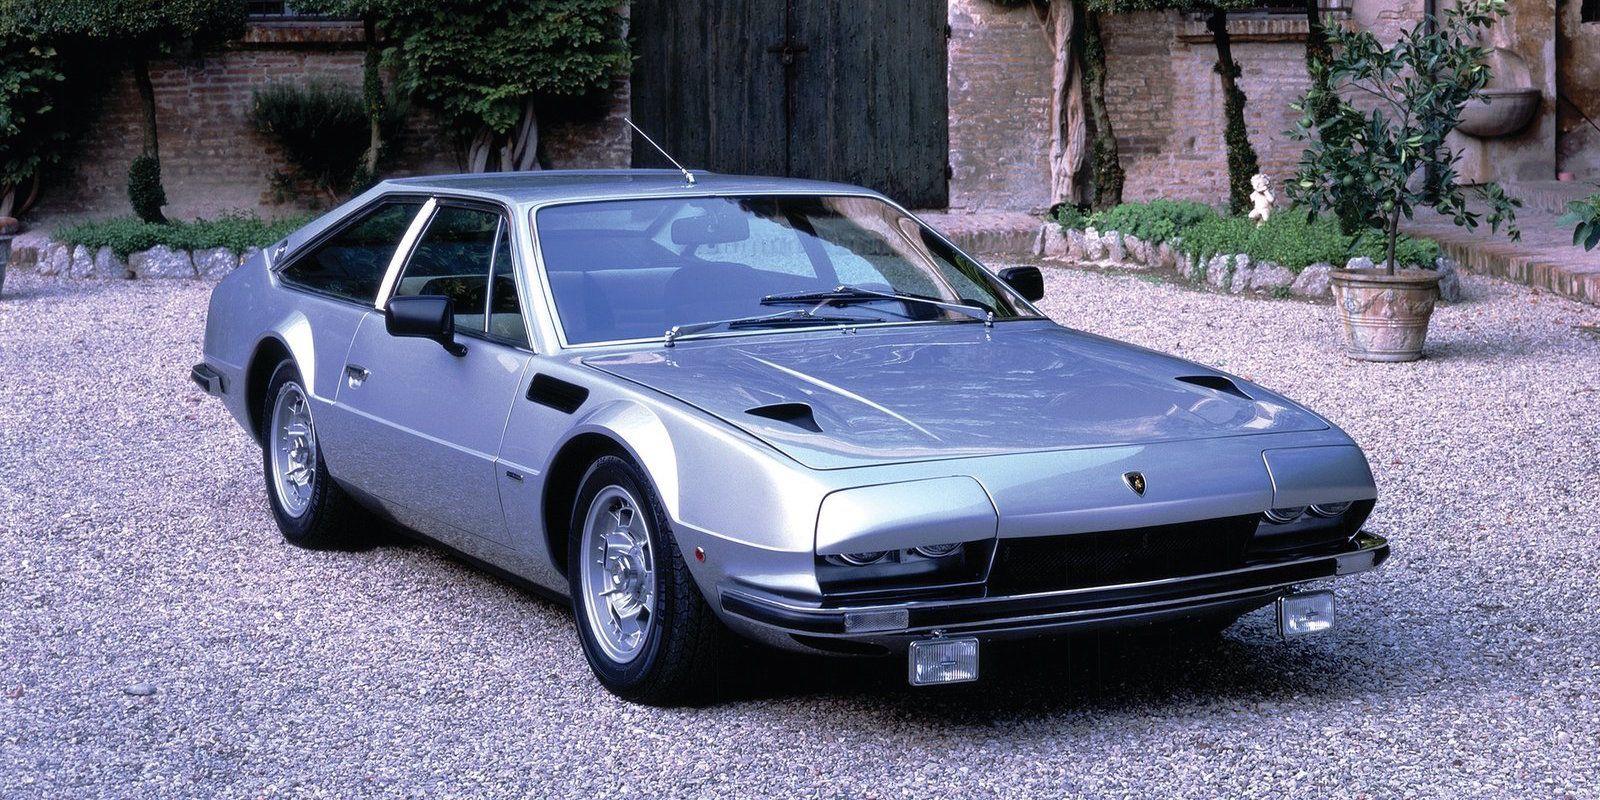 Ferruccio Lamborghini S Favorite Car Was The Lamborghini You Forgot